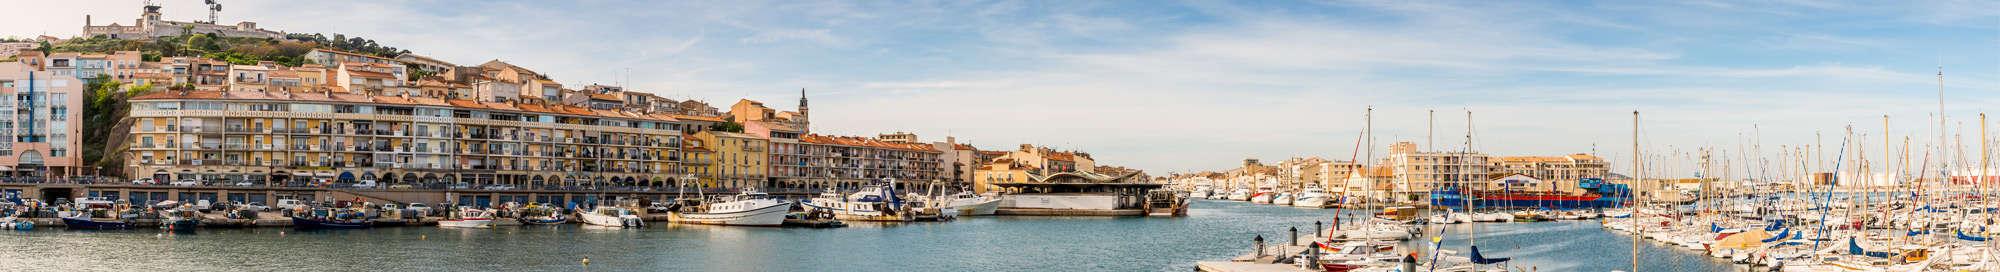 Week-end et séjour à Sète